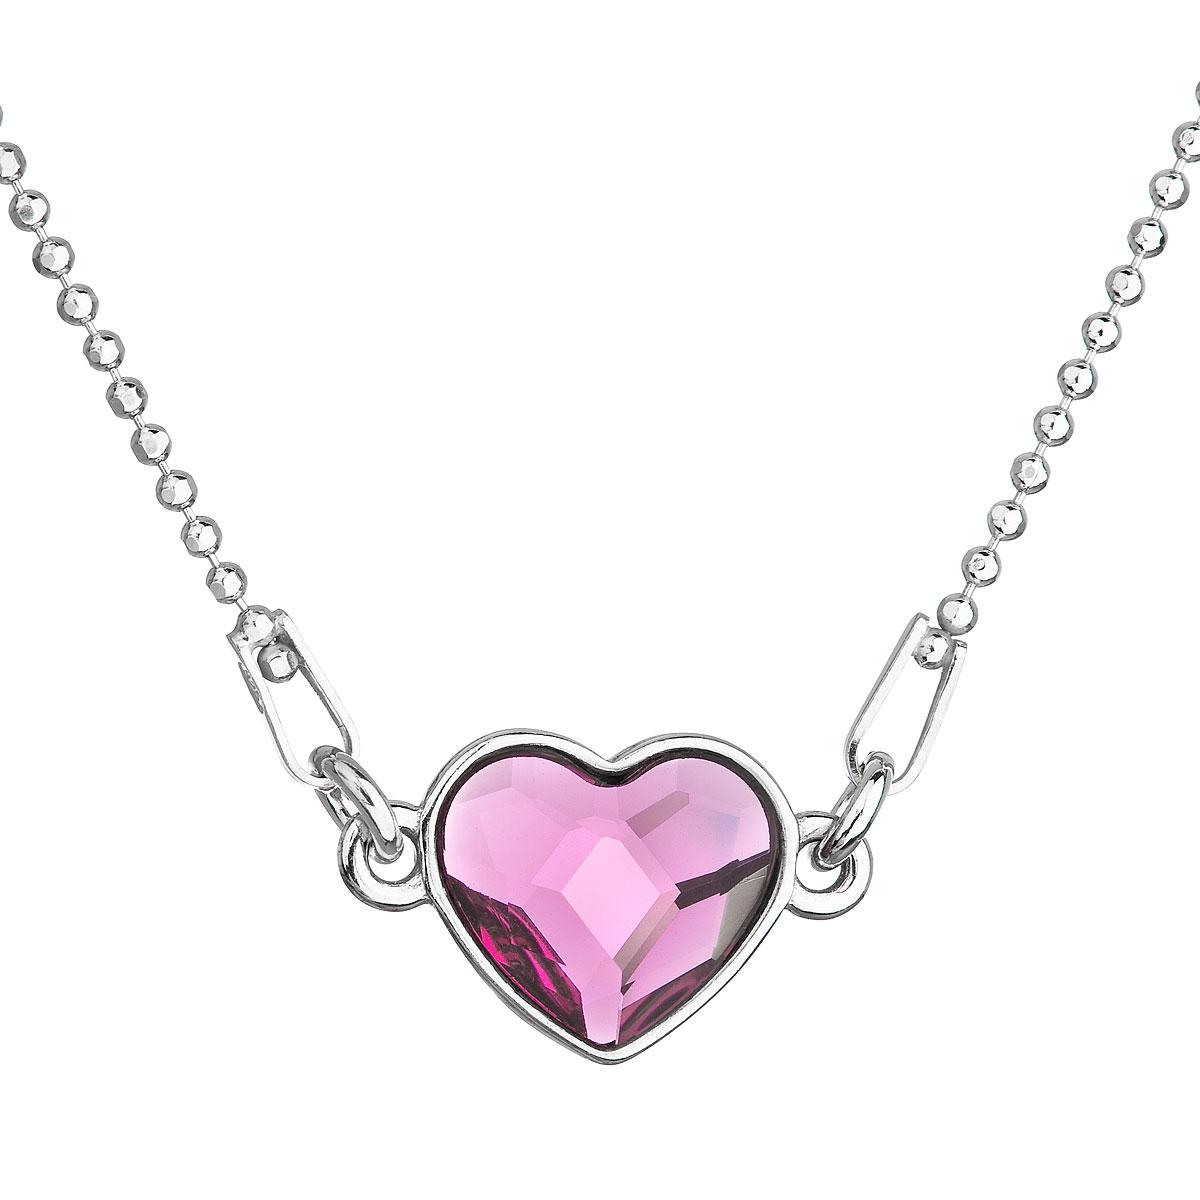 Evolution Group Stříbrný náhrdelník s krystalem Swarovski růžové  srdce 32061.3 fuchsia